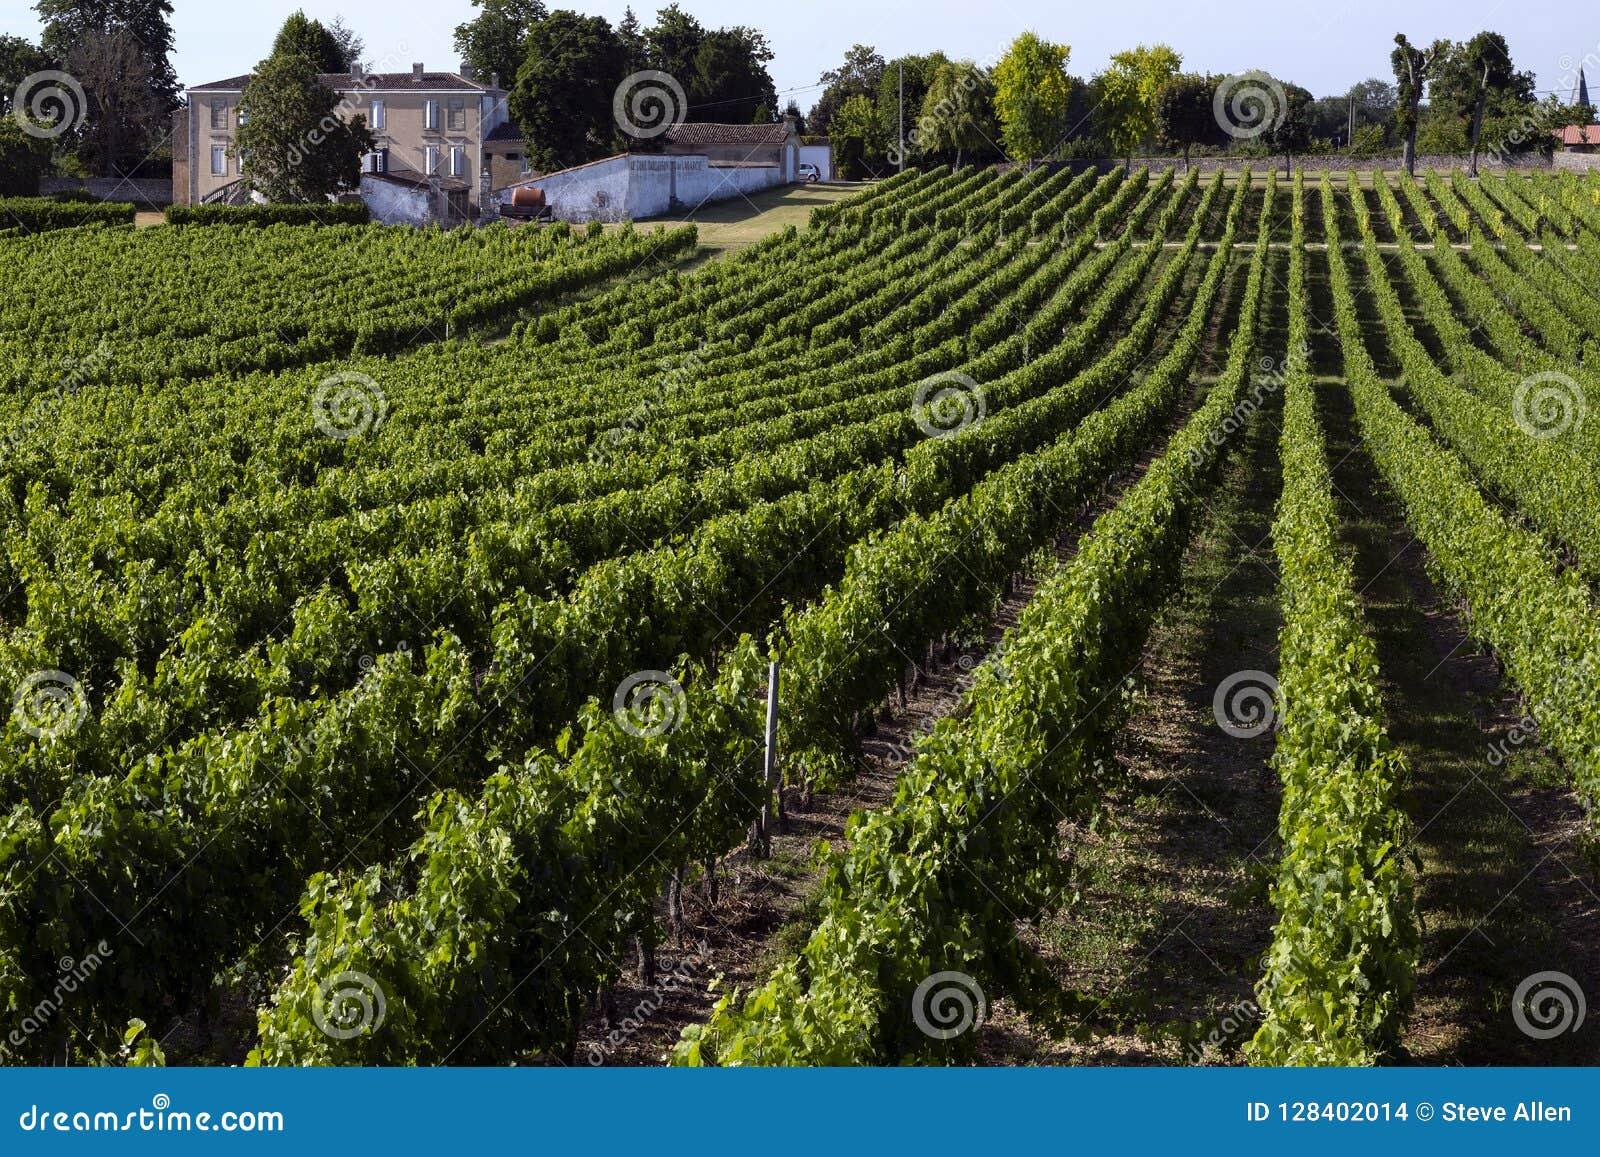 Produção de vinho - vinhedo - Dordogne - França